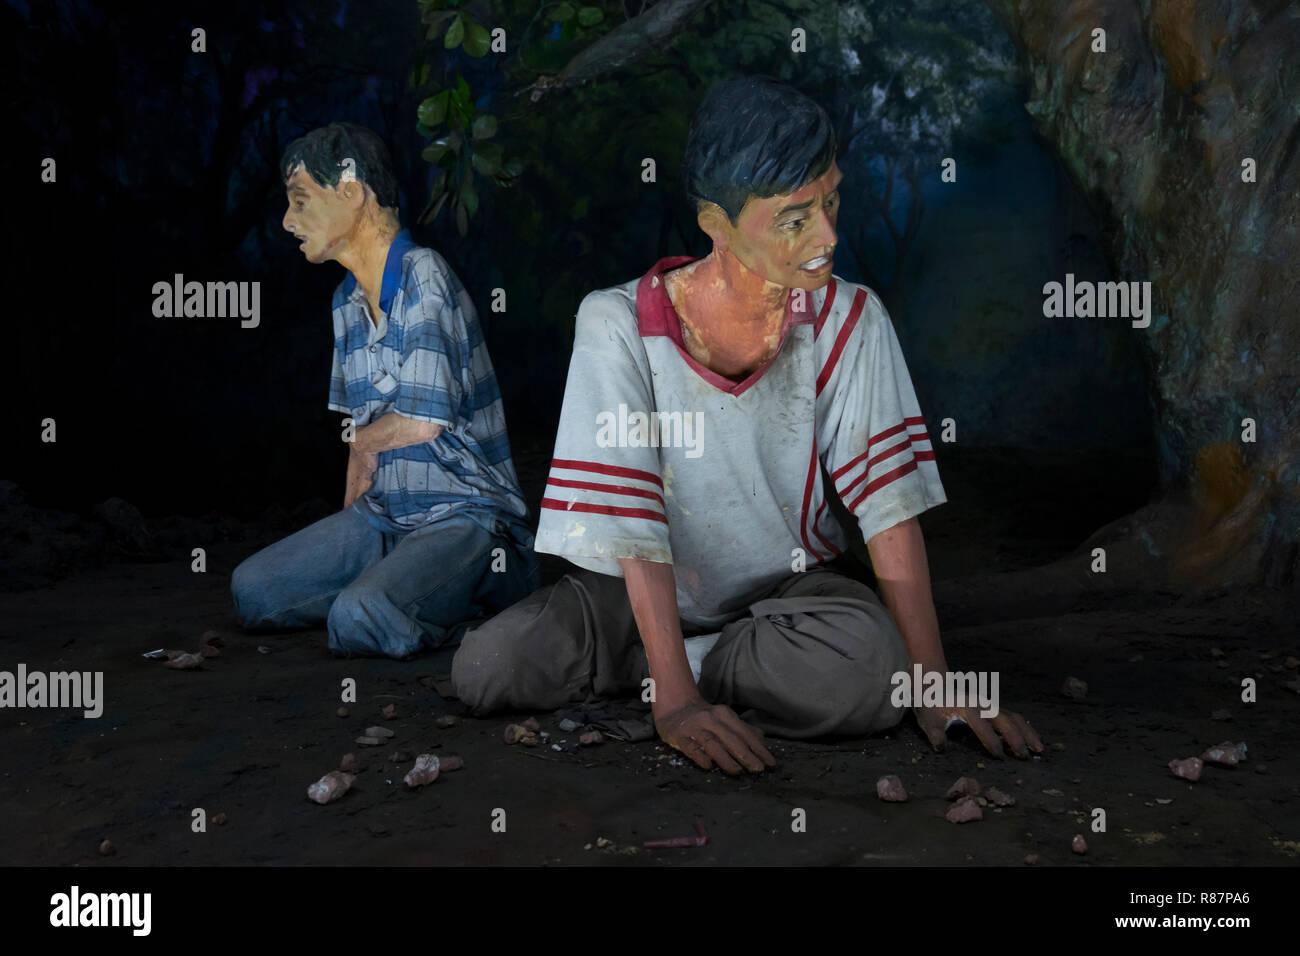 Diorama montrant ce qui ressemble à la toxicomanie au Musée d'élimination des drogues à Yangon, Myanmar. Banque D'Images